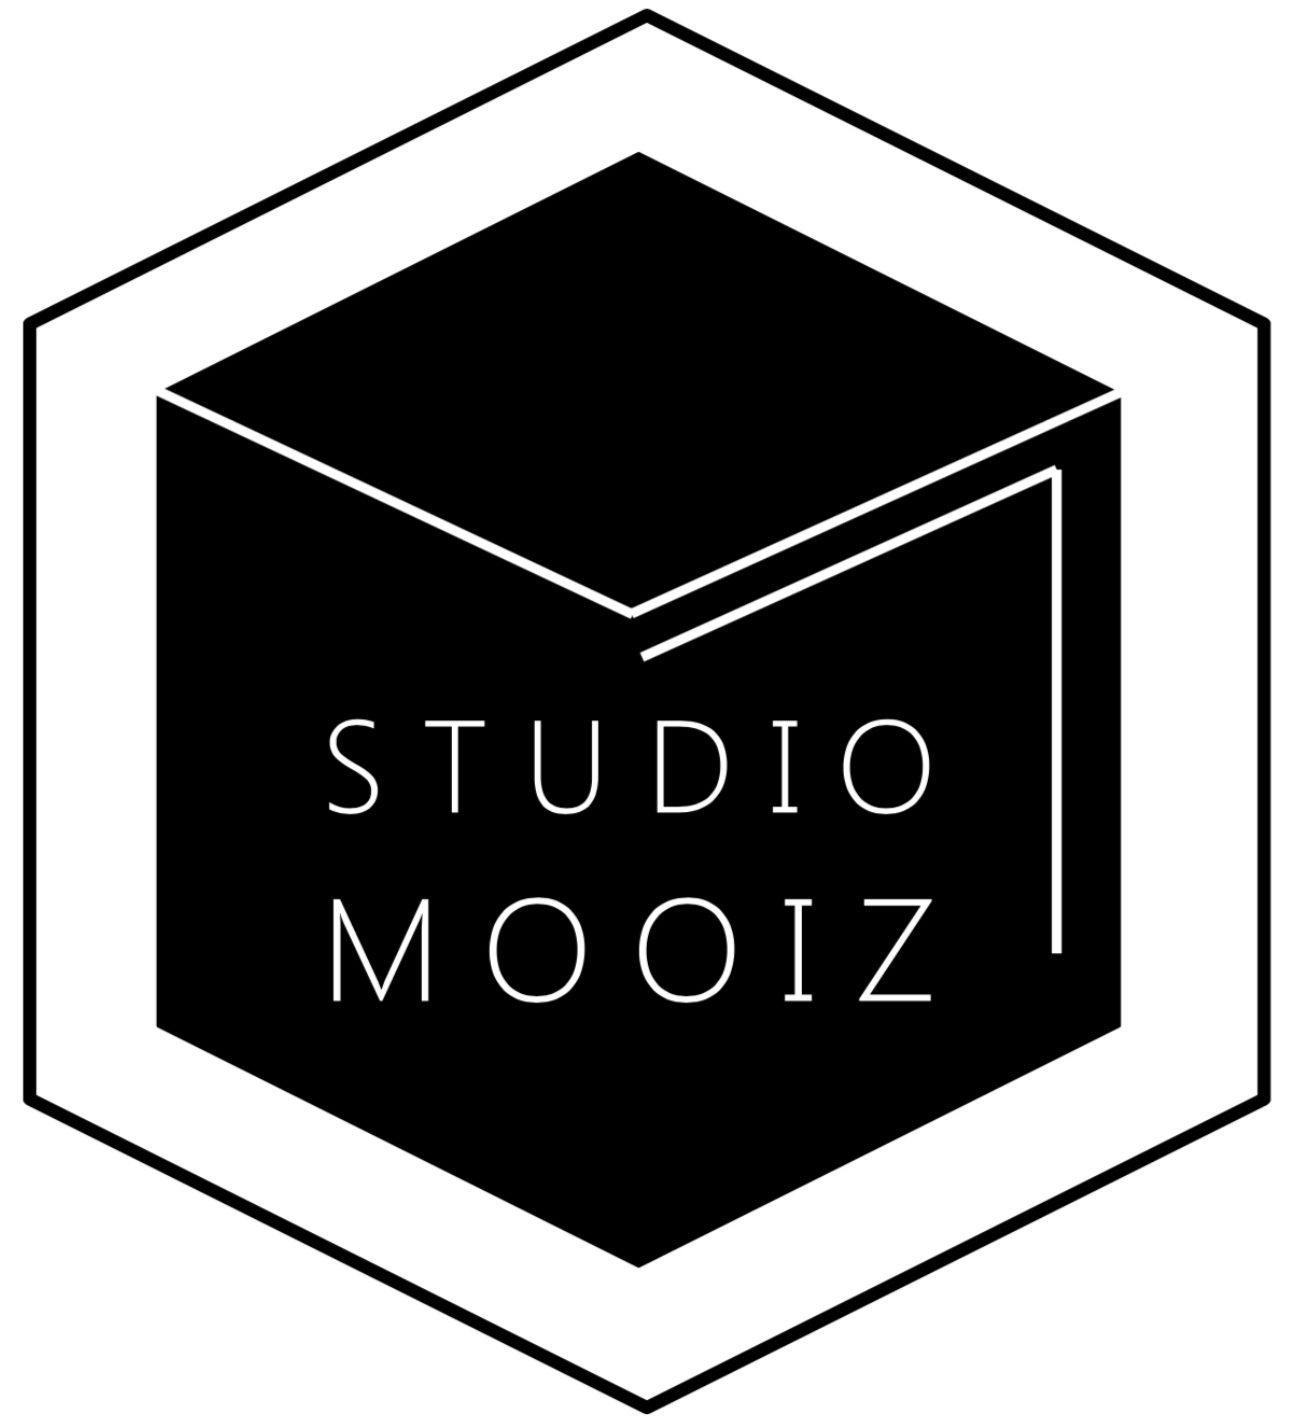 STUDIO MOOIZ